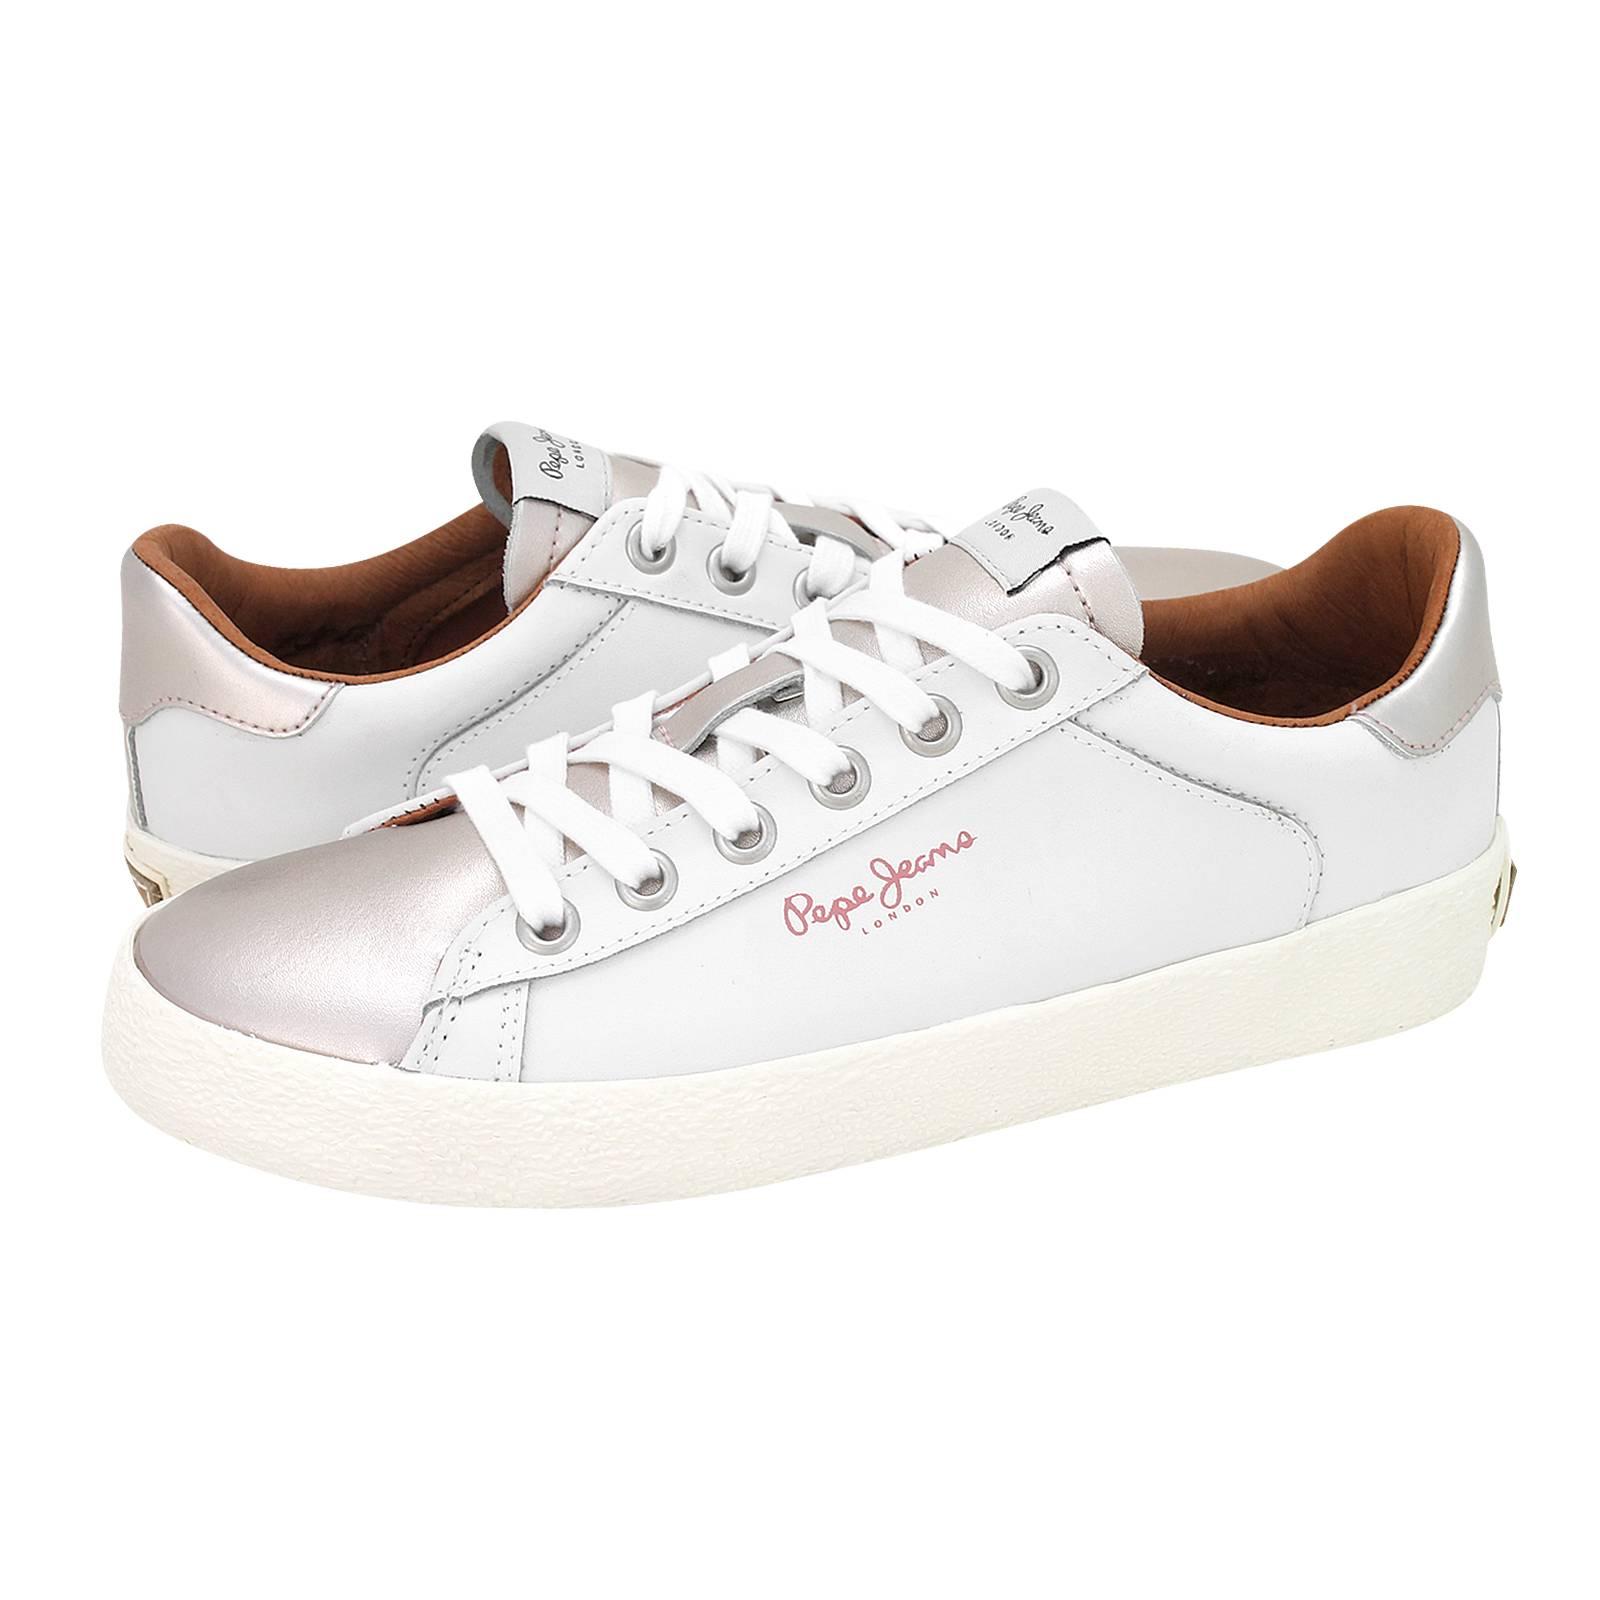 Portobello - Γυναικεία παπούτσια casual Pepe Jeans από δέρμα ... 480bad86f4d